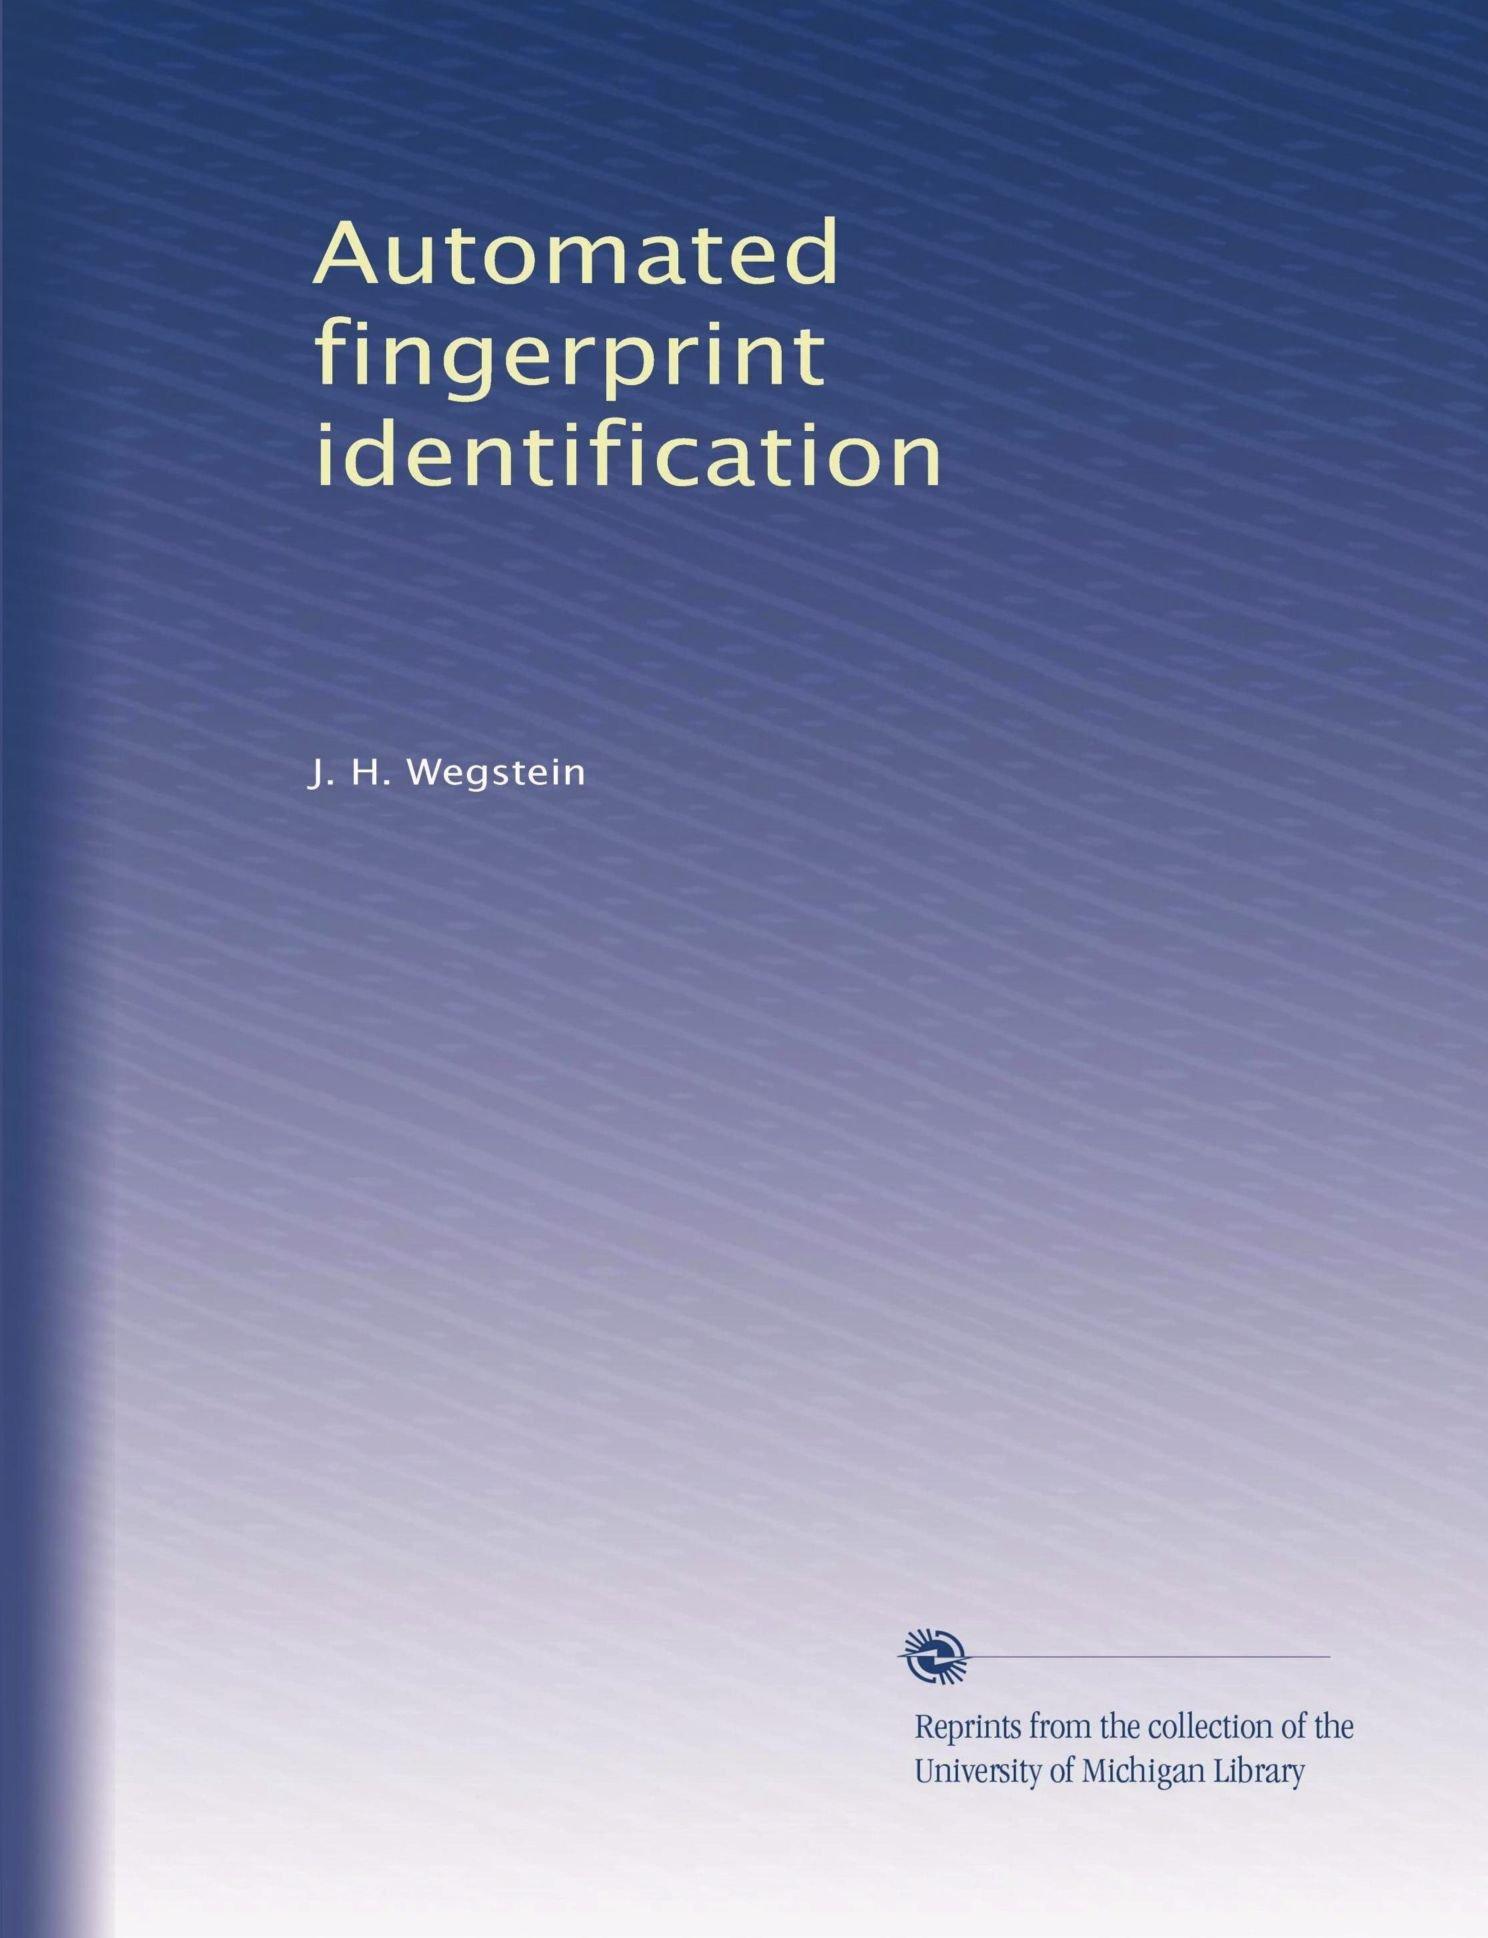 Automated fingerprint identification: J  H  Wegstein: Amazon